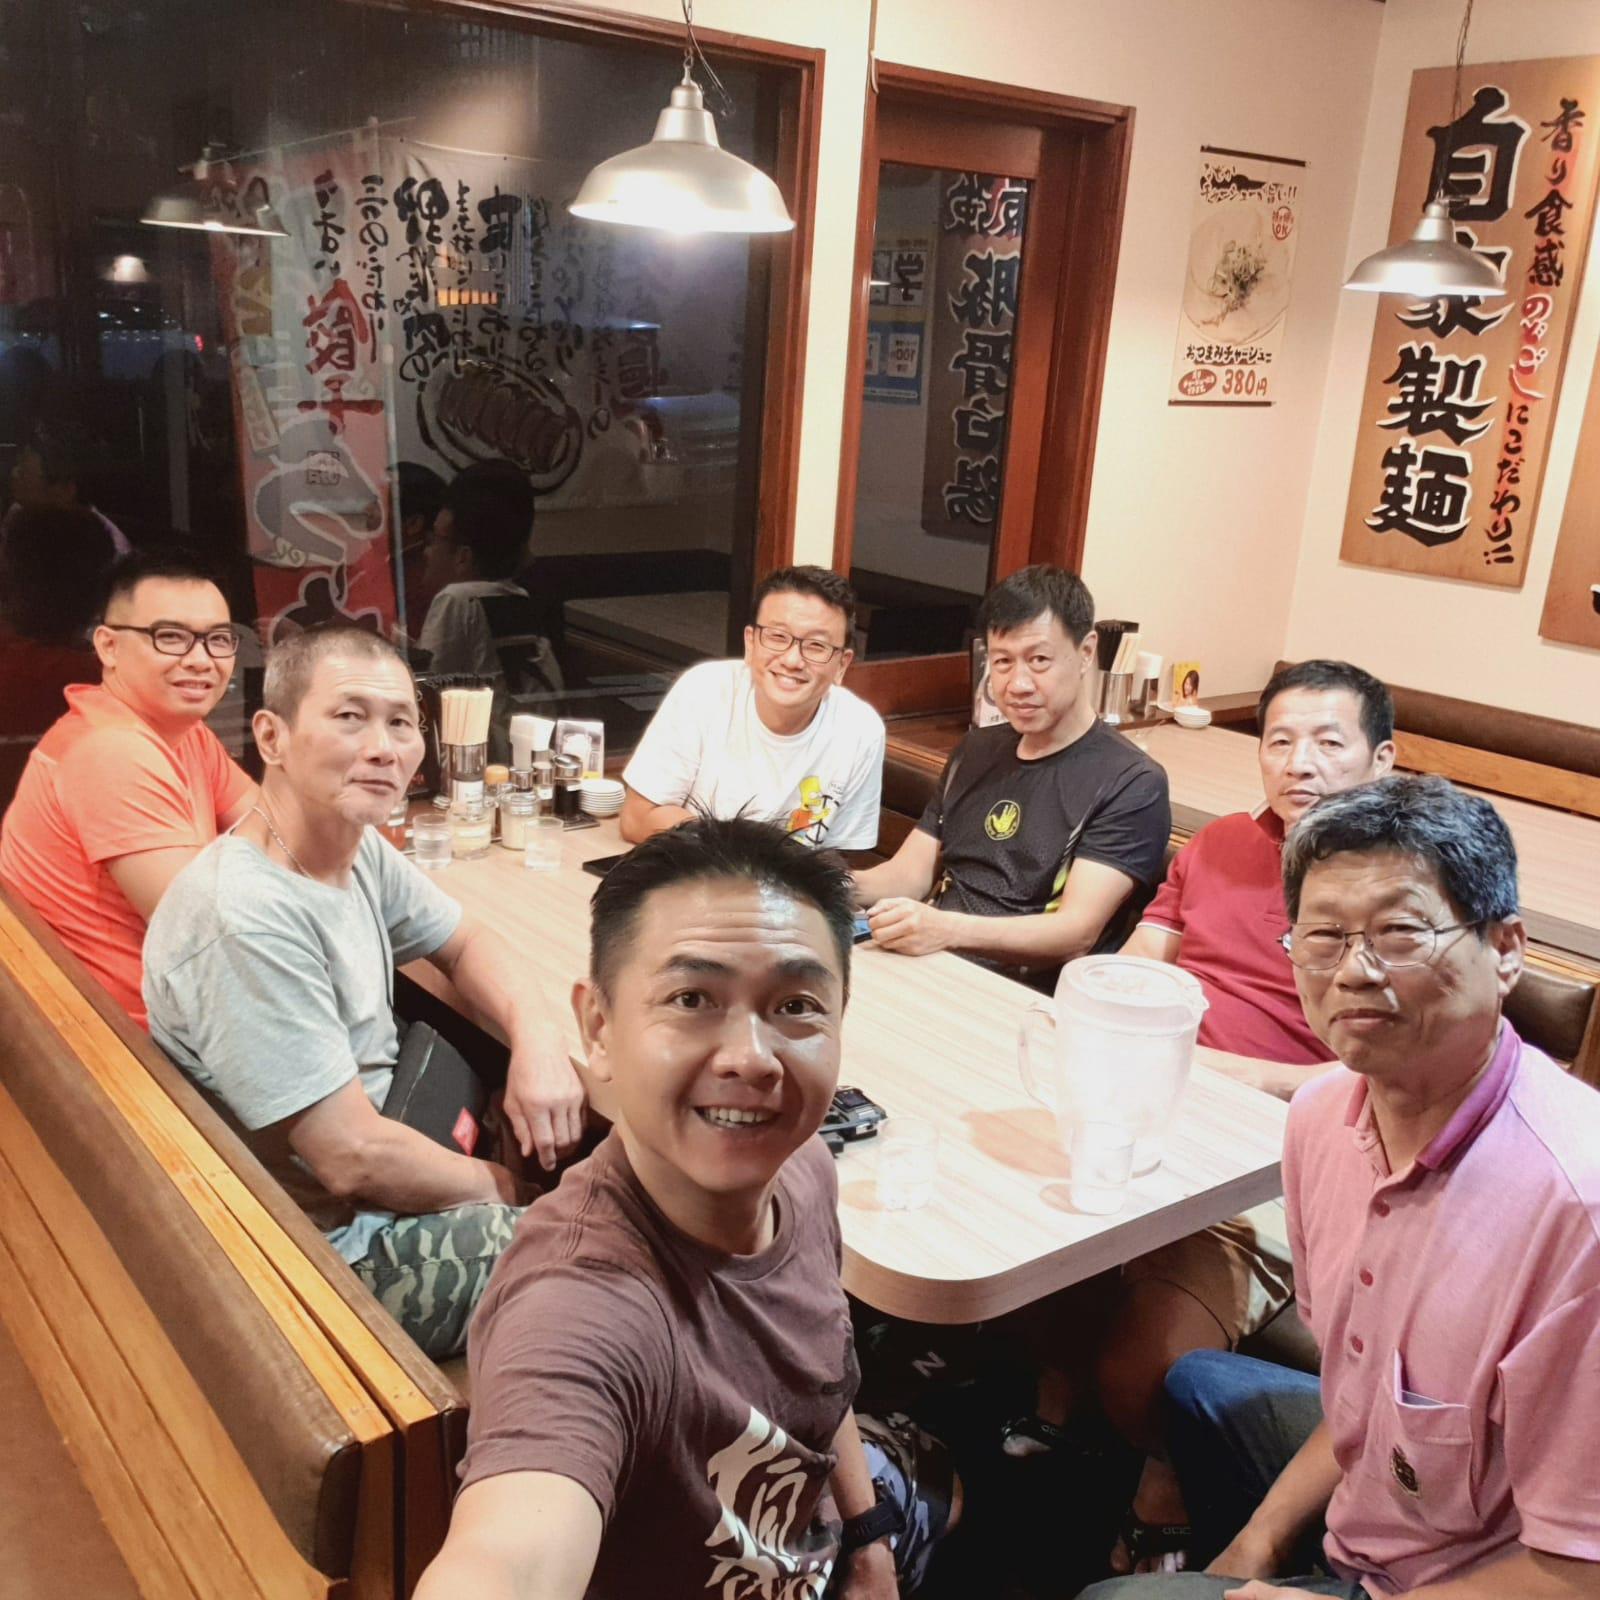 Image 2019-07-21 at 5